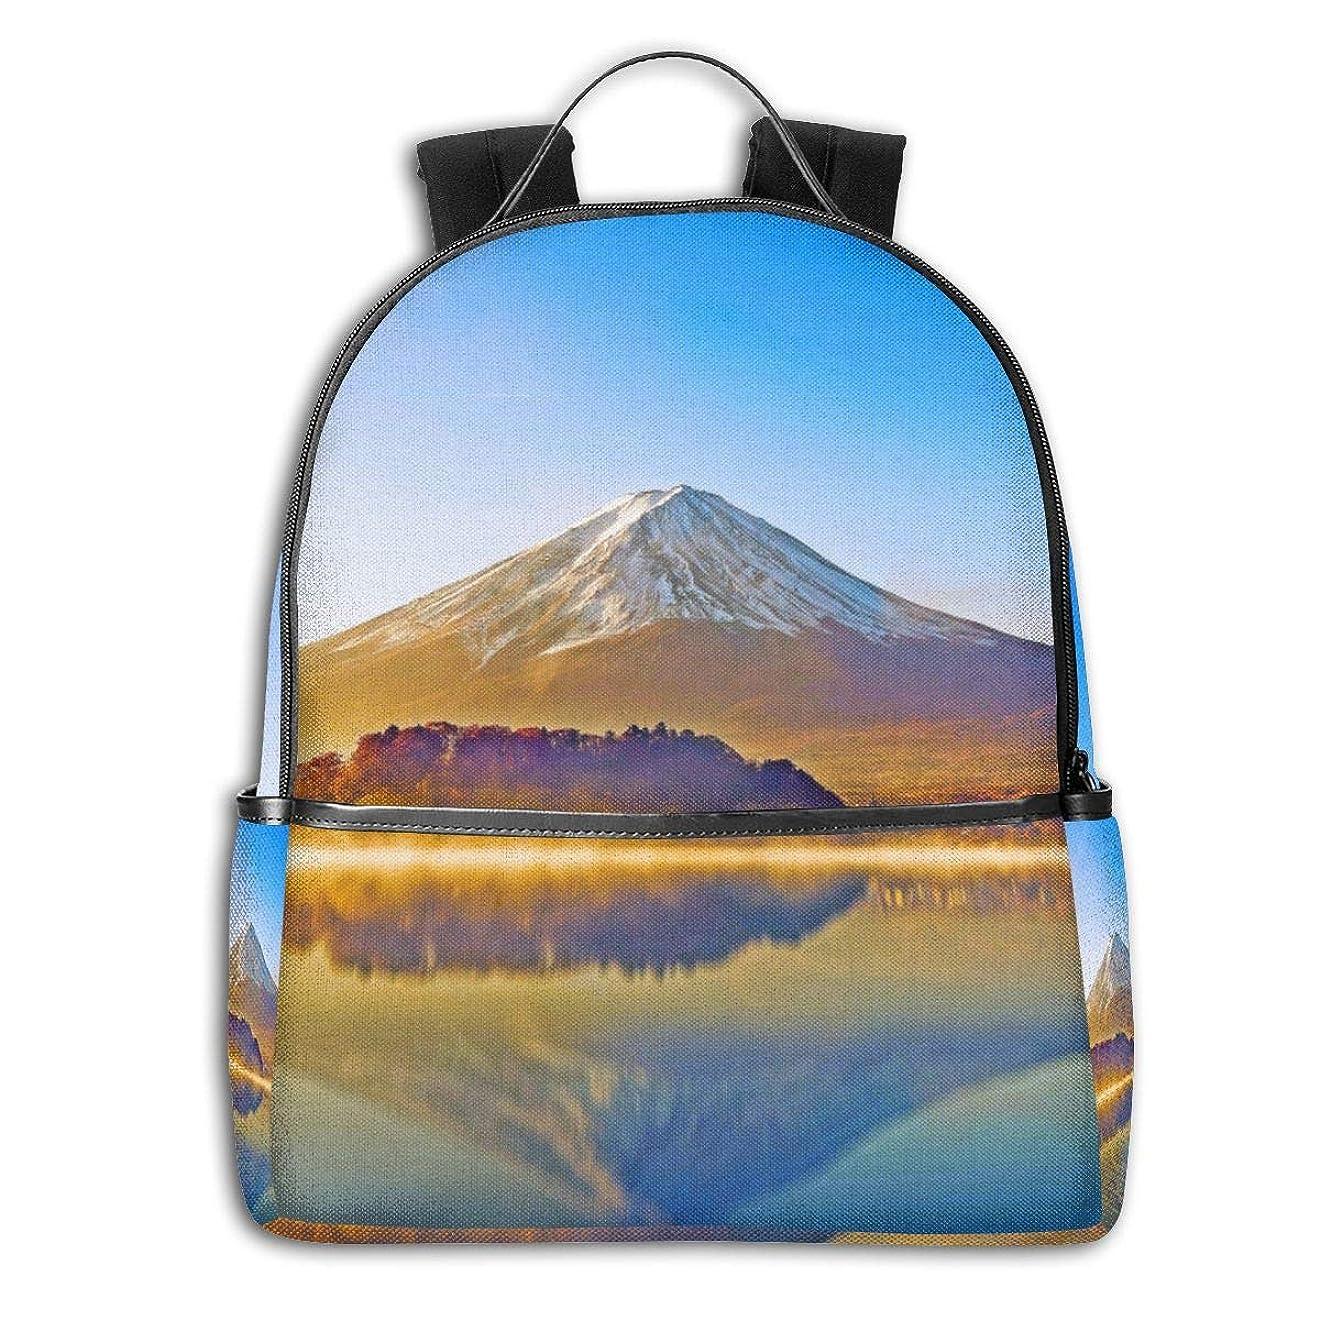 祝福するバッジ番目Zetena リ ュックリュックサック 山 富士山 湖 太陽光 バックパック デイパック おしゃれ 旅行 通学 通勤 15.6インチラップトップ収納可能 アウトドア 遠足 出張 男女兼用